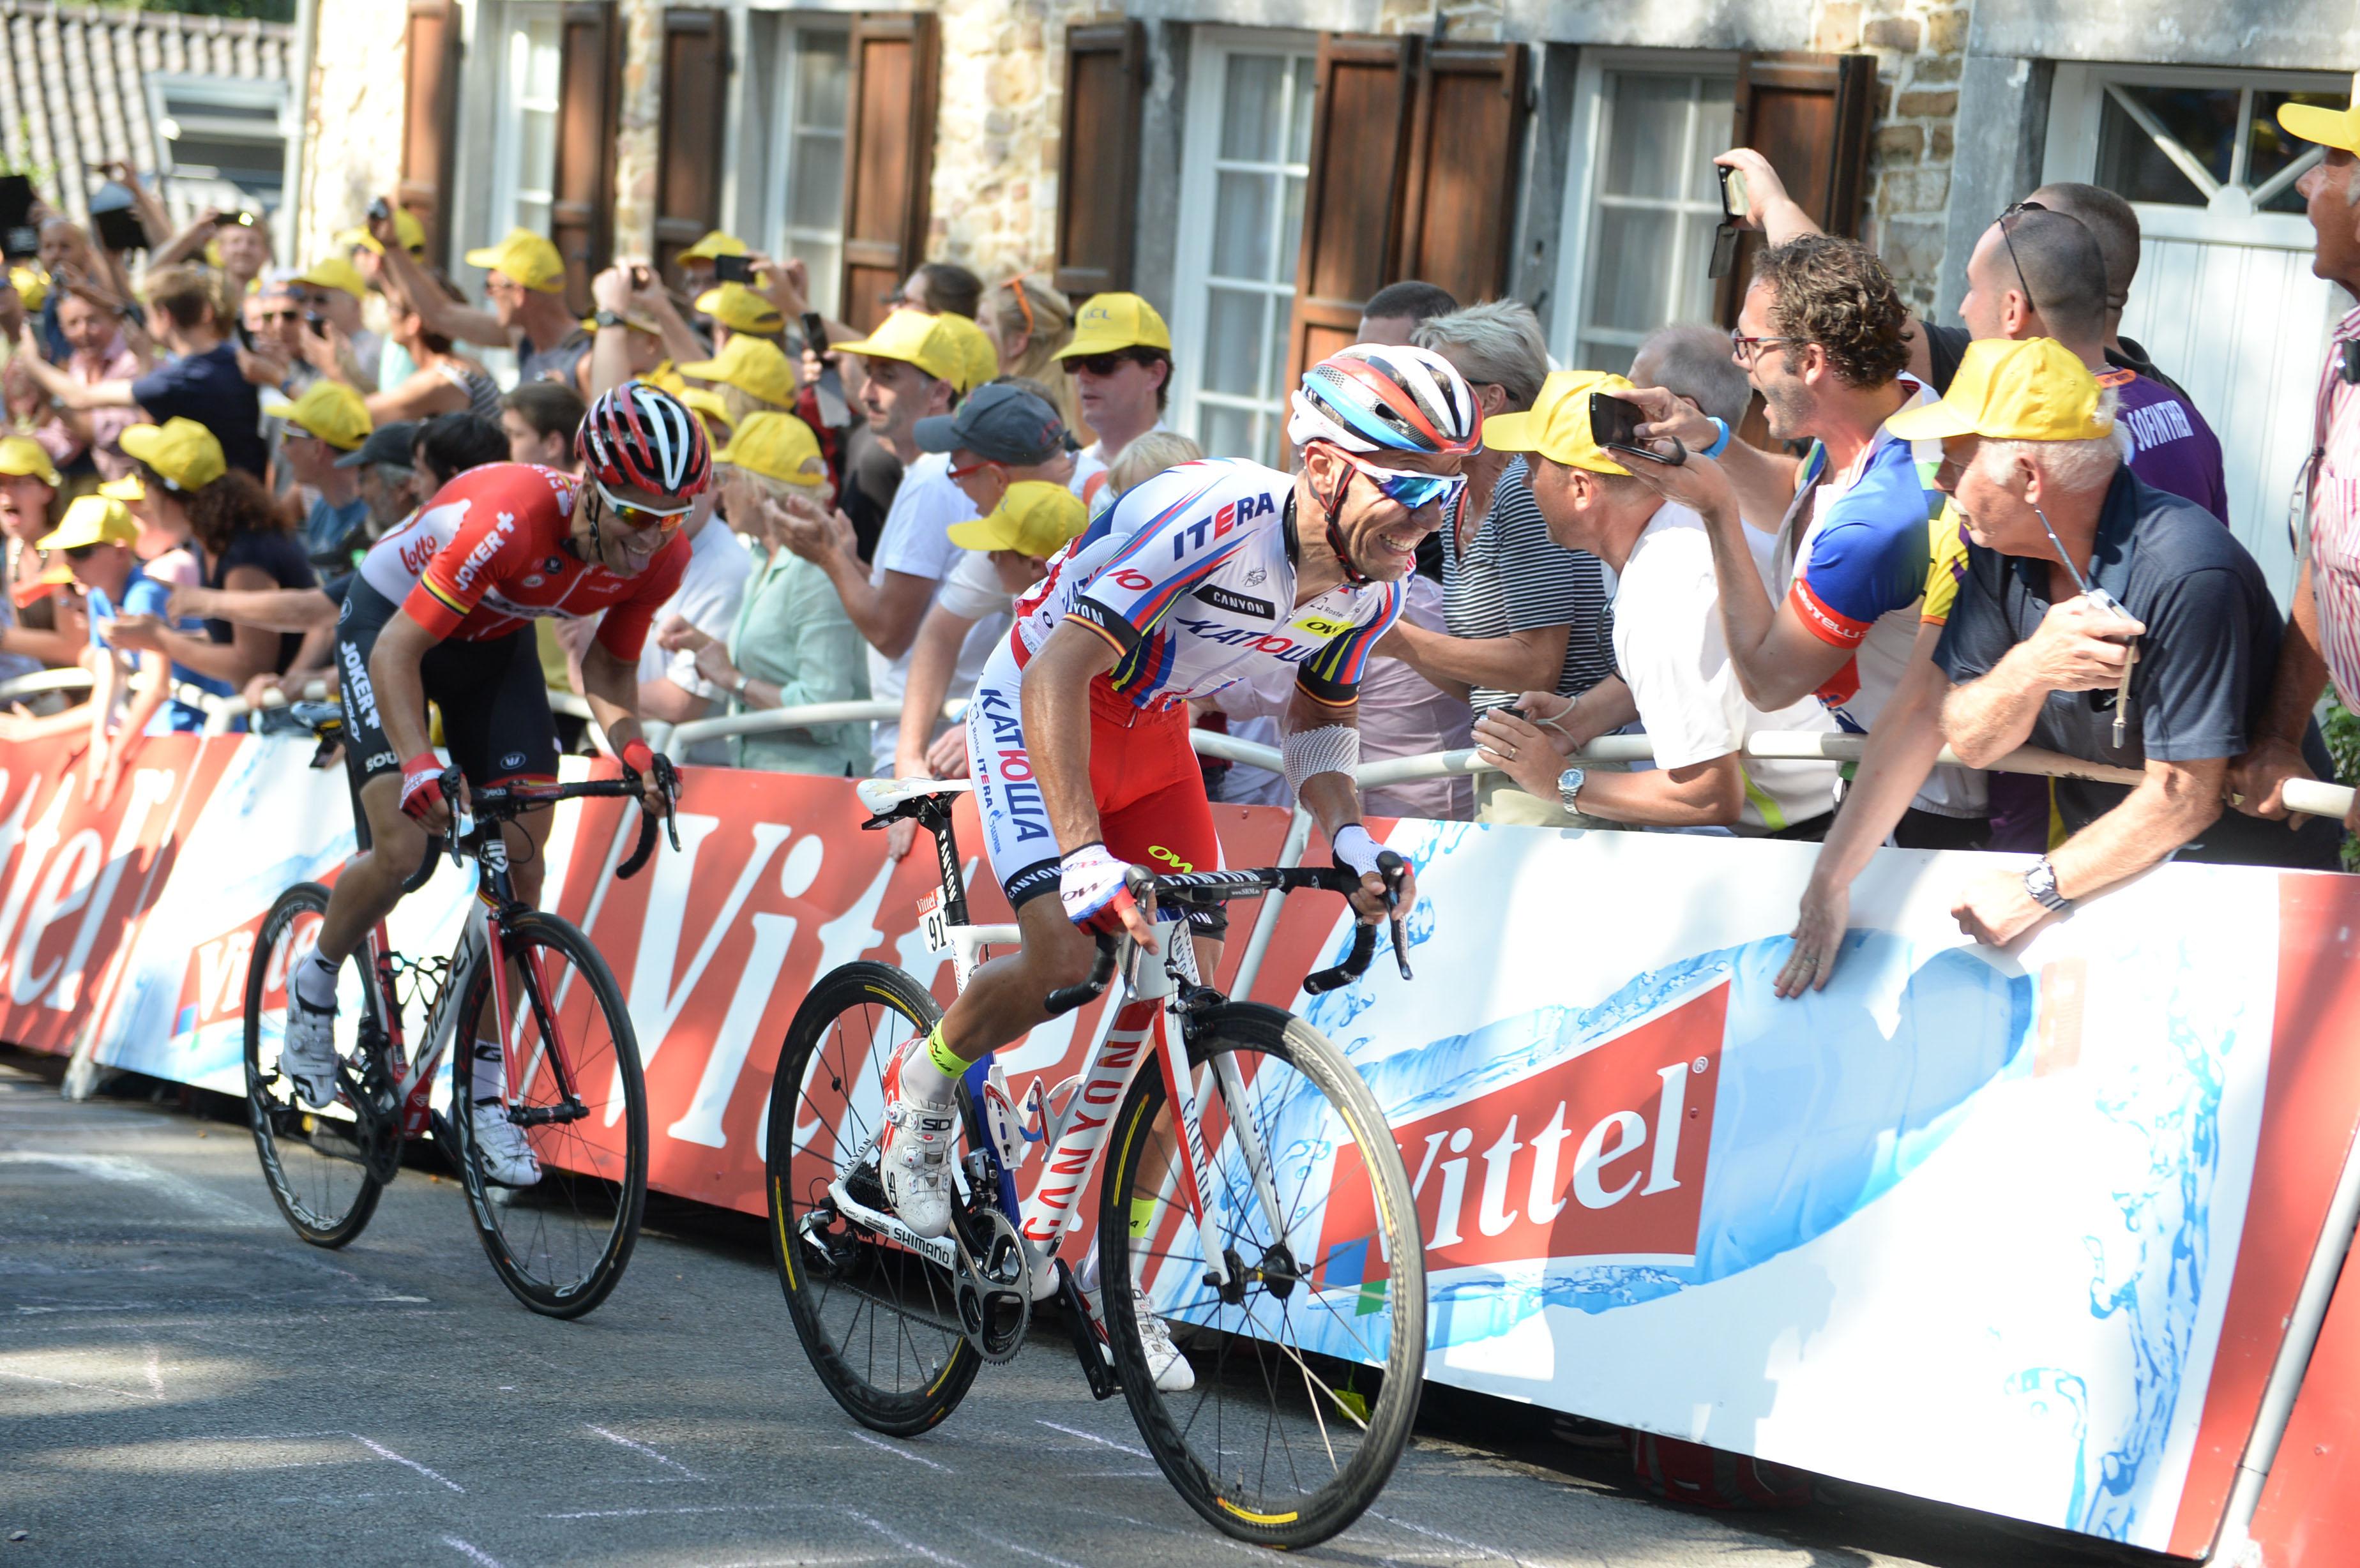 Joaquim Rodriguez gewinnt die 12. Etappe nachdem er bereits die 3. Etappe der Tour de France 2015 gewonnen hat. (pic: Sirotti)